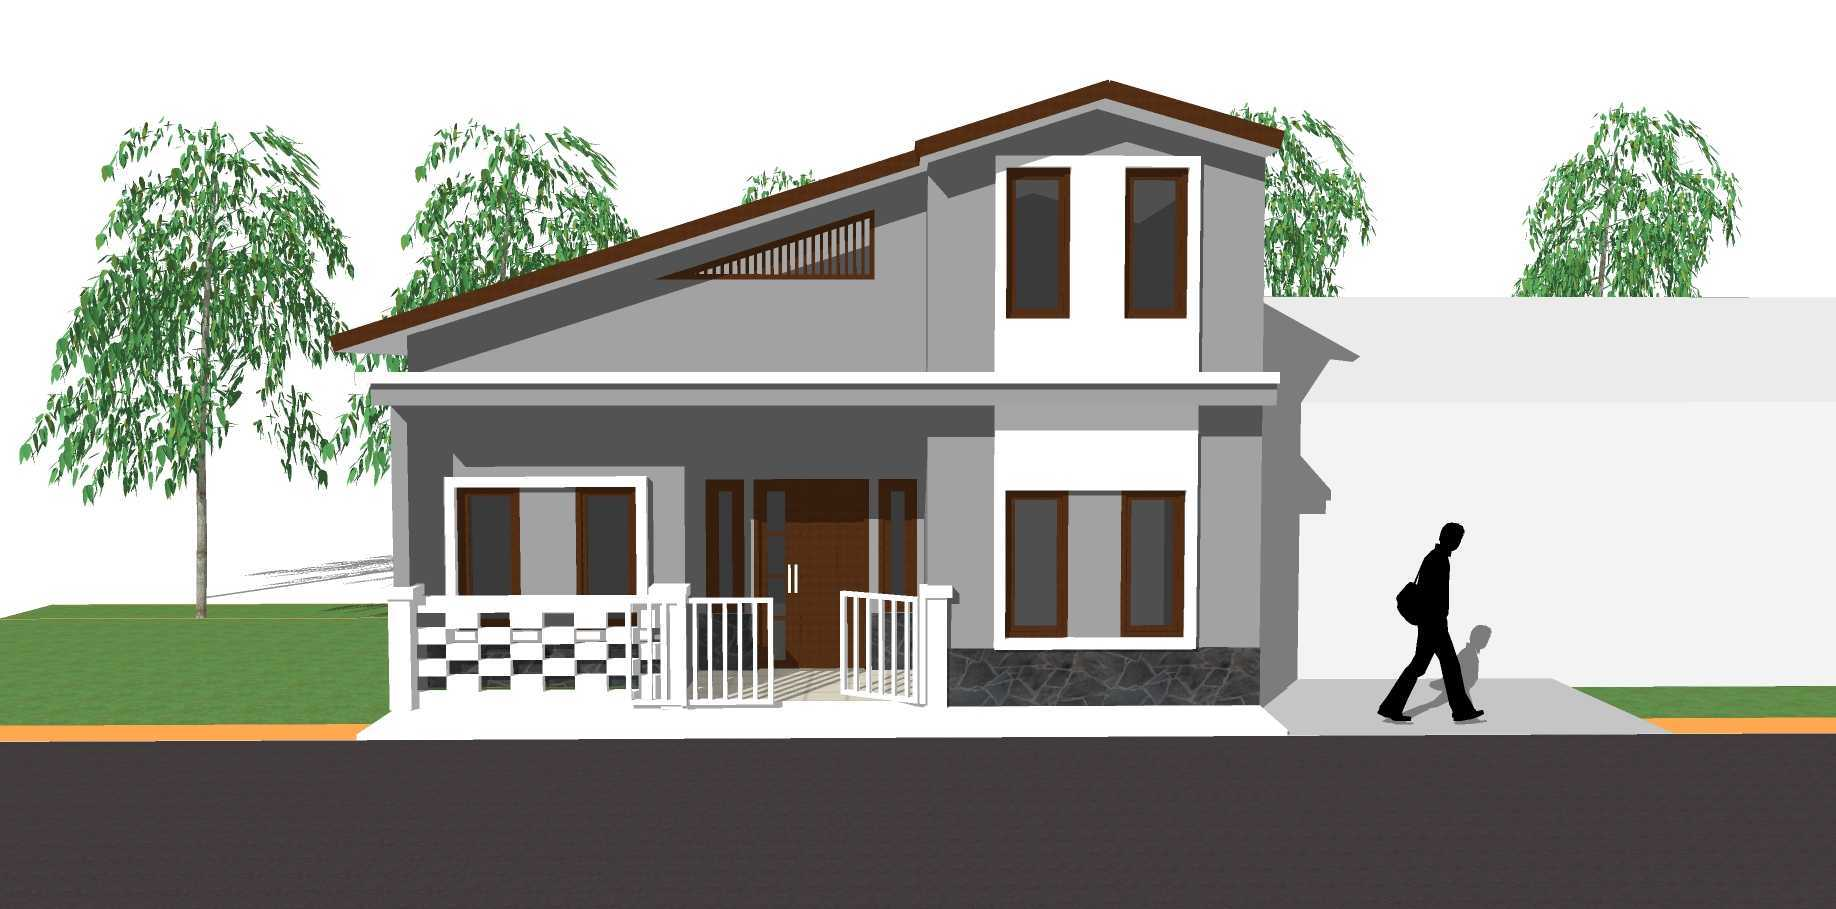 Dedi Sugandi Ilah House Sukaluyu, Ganeas, Kabupaten Sumedang, Jawa Barat 45356, Indonesia Sukaluyu, Ganeas, Kabupaten Sumedang, Jawa Barat 45356, Indonesia Dedi-Sugandi-Ilah-House  108826